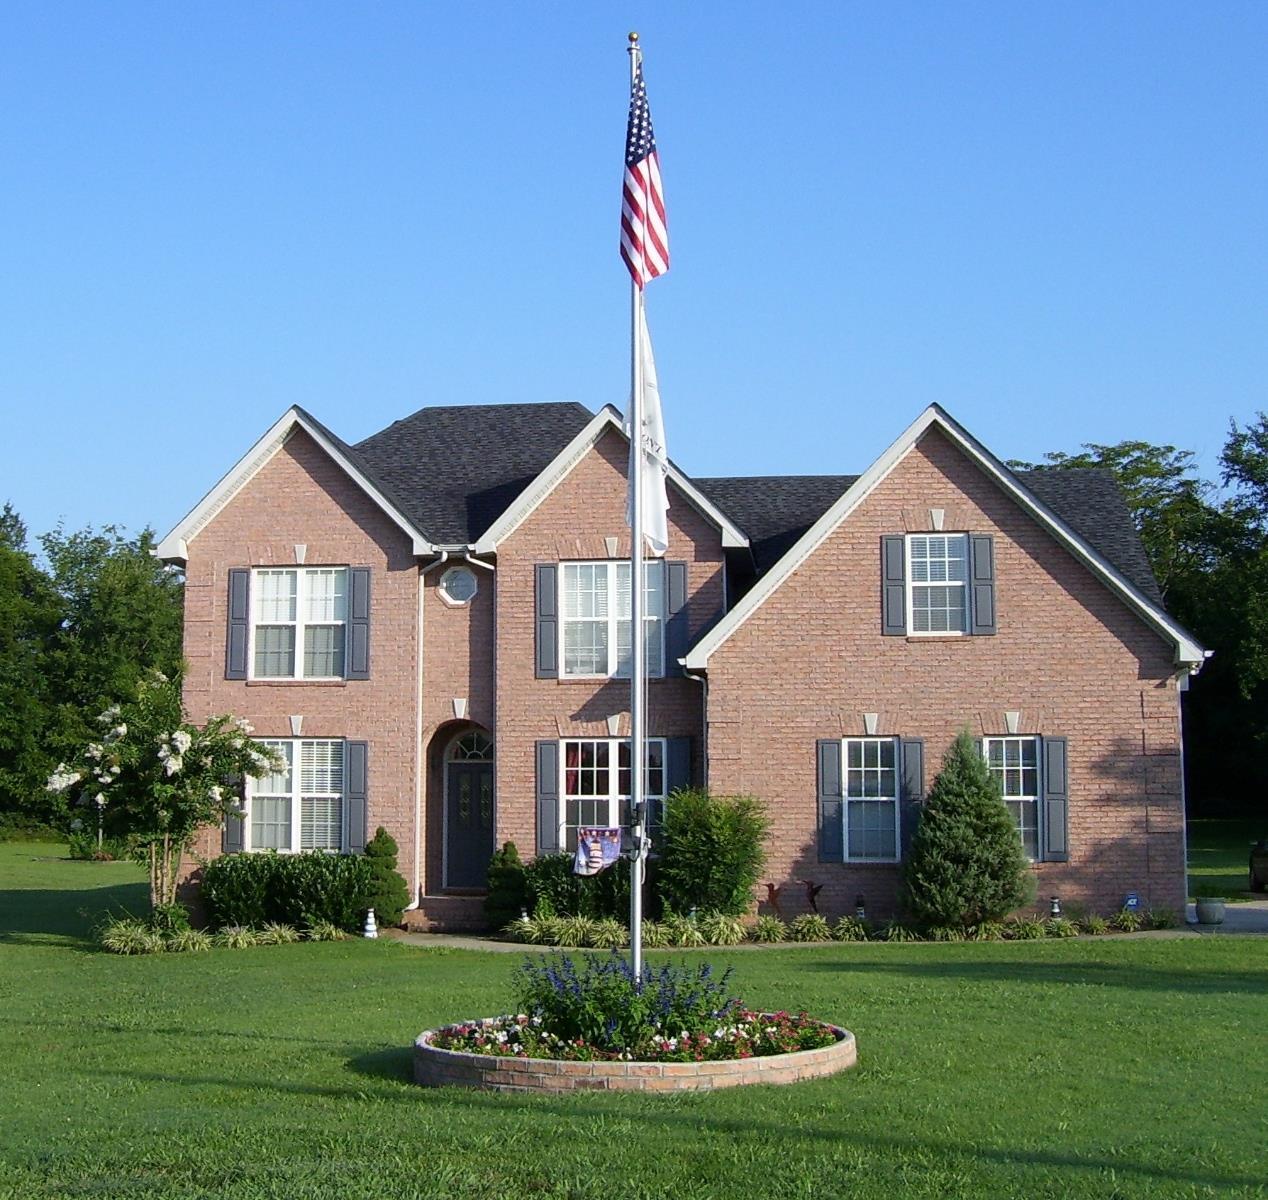 219 Declaration Dr, Lascassas, TN 37085 - Lascassas, TN real estate listing